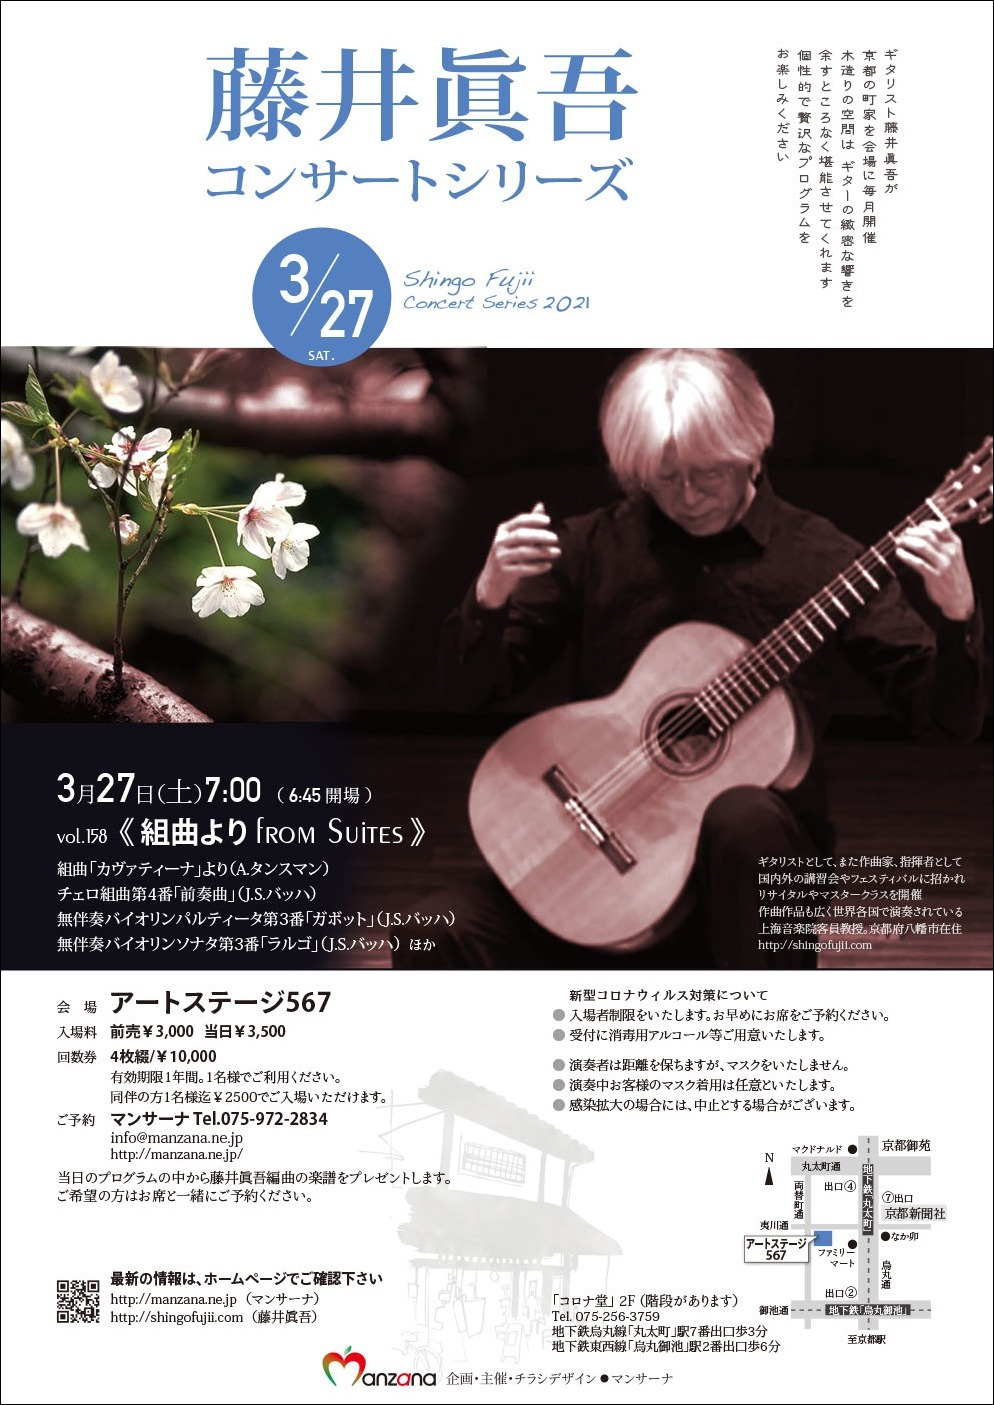 3月27日は藤井眞吾コンサートシリーズです!_e0103327_12192280.jpg